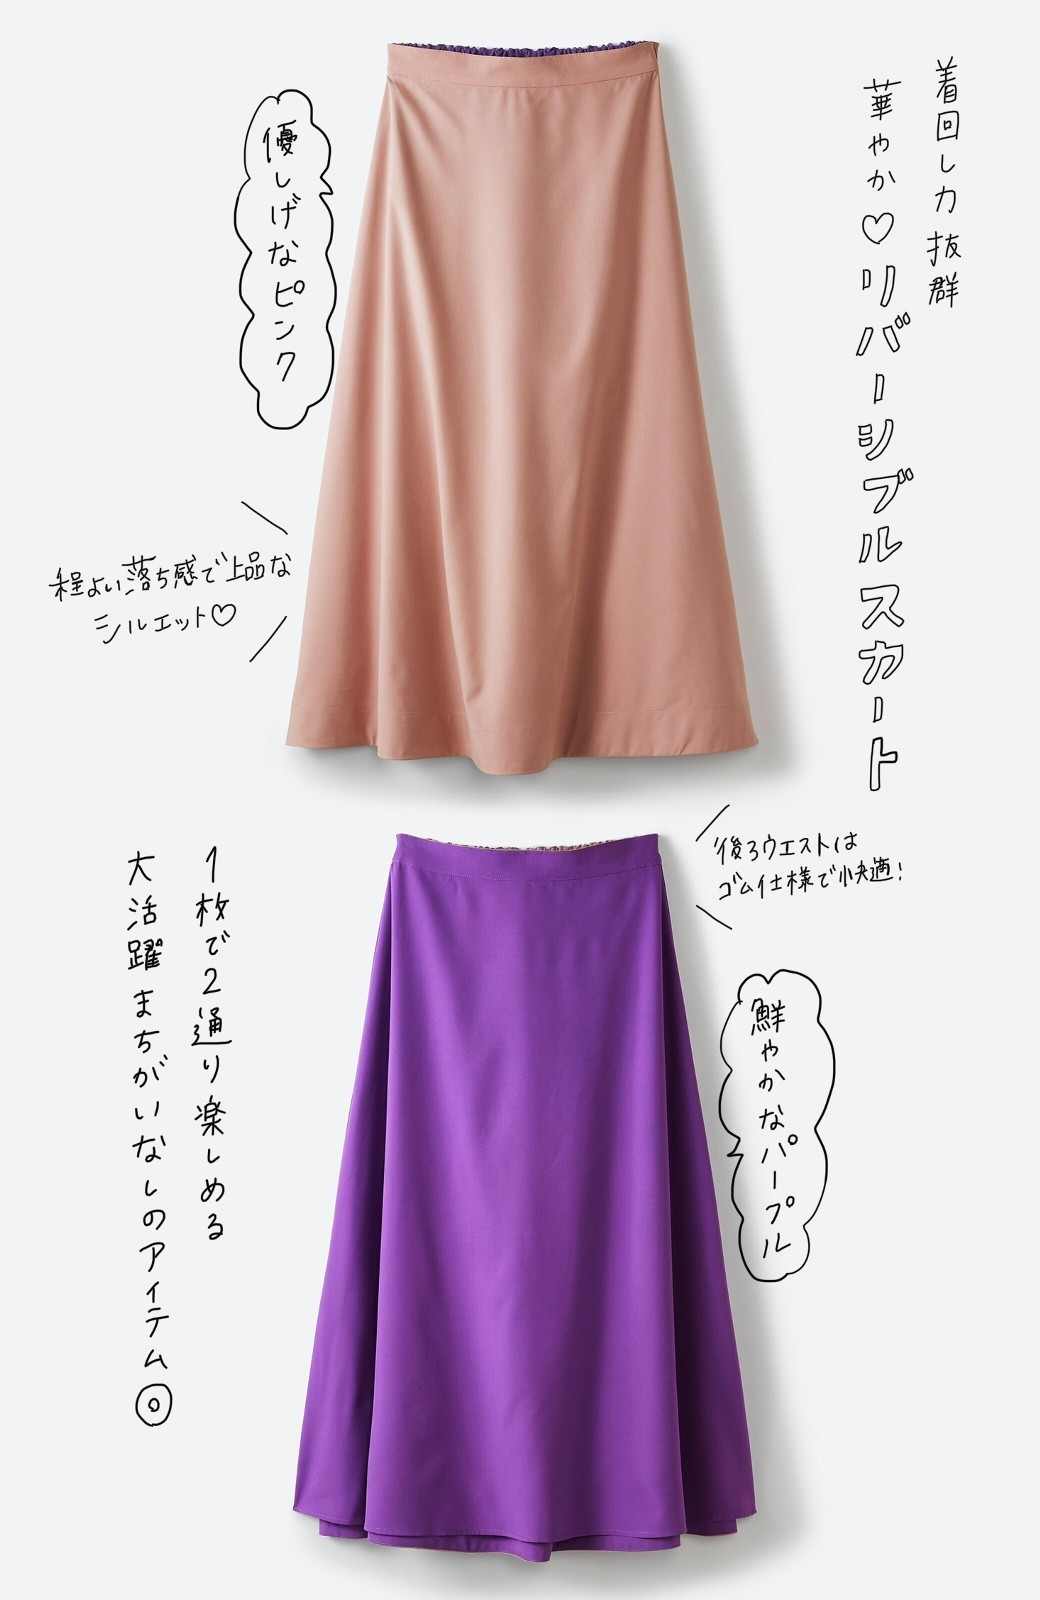 haco! オフィスにもデートにも! 便利なのはきれいに見えて楽ちんなリバーシブルスカート <ピンク系その他>の商品写真2